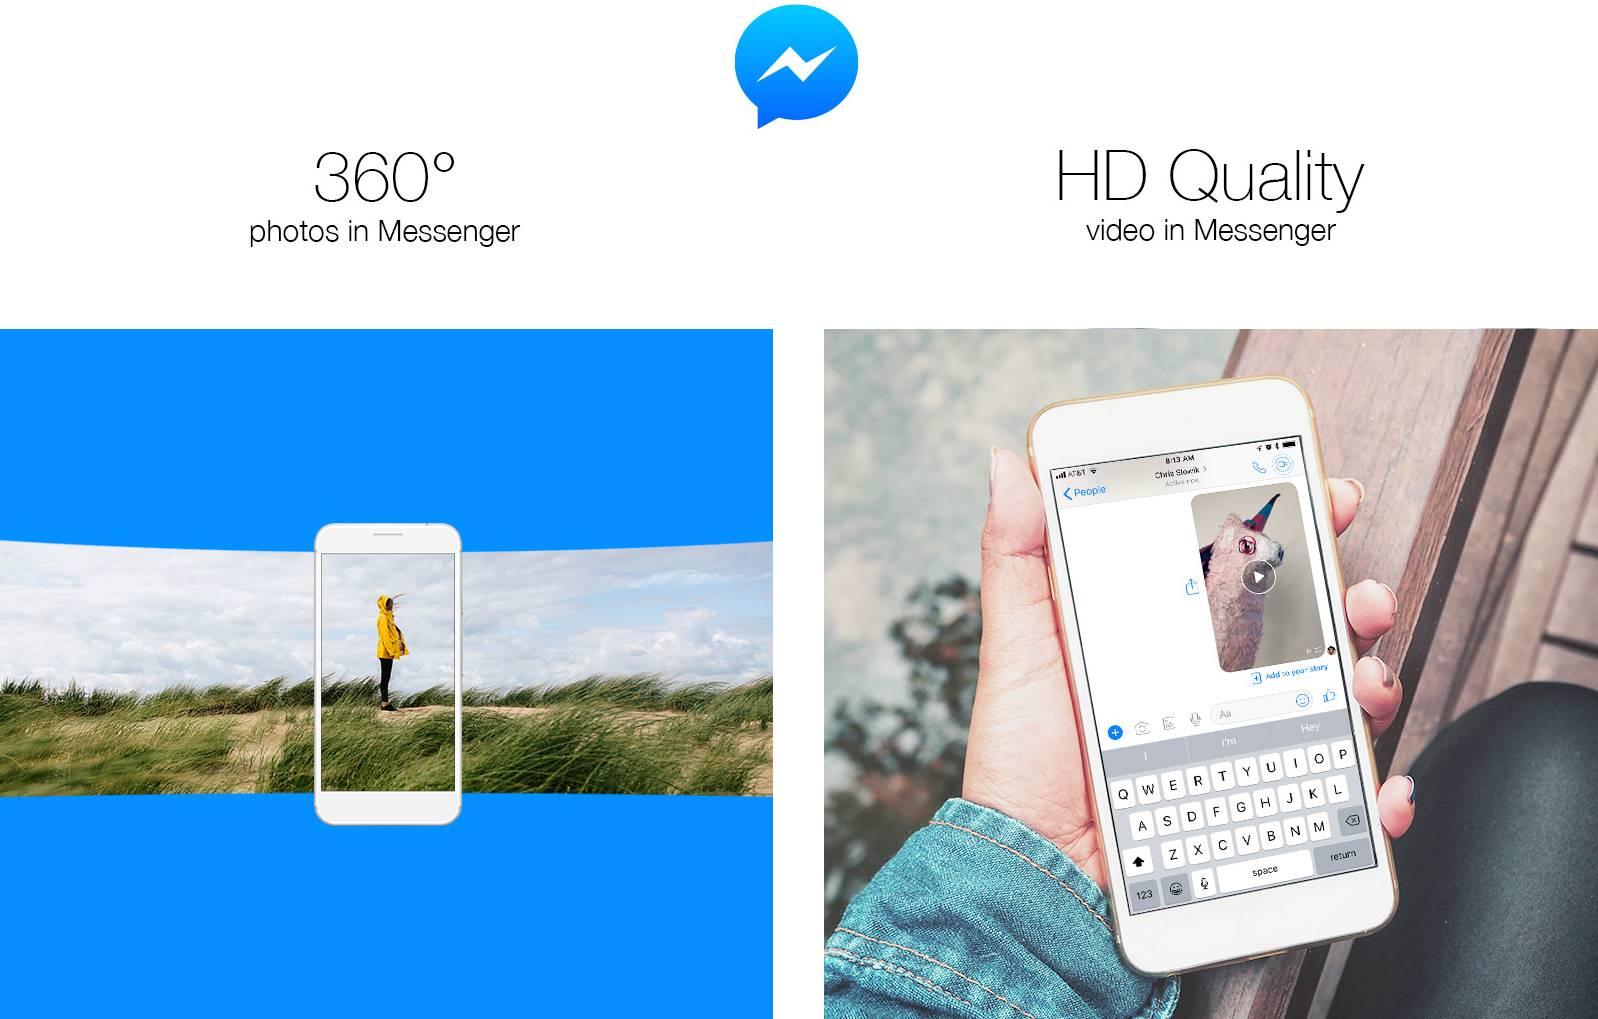 Facebook Messenger poze 360 grade video hd